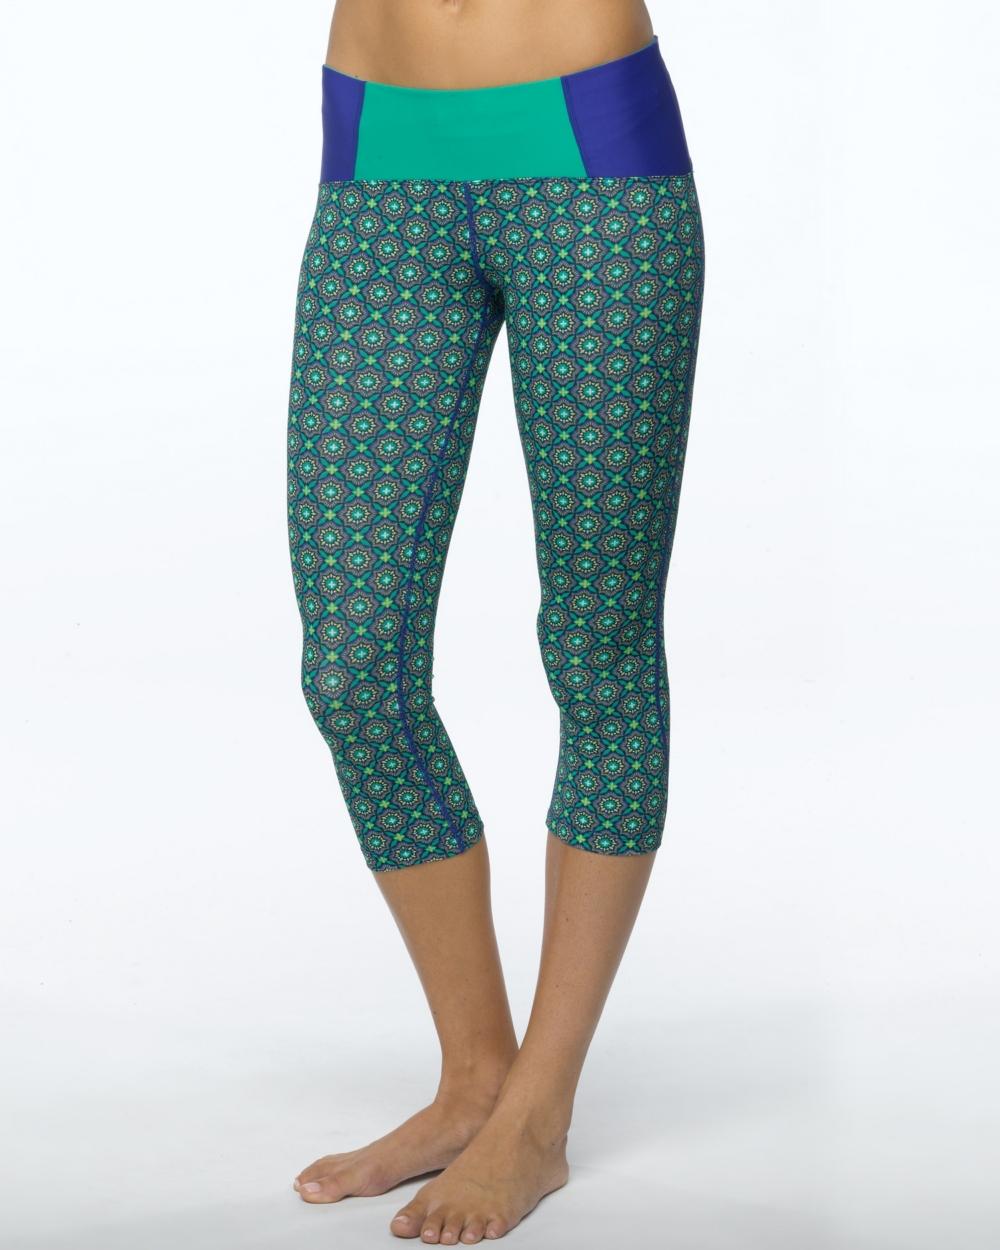 2015 Prana Activewear Rai Swim Tight in Cool Green Hyan